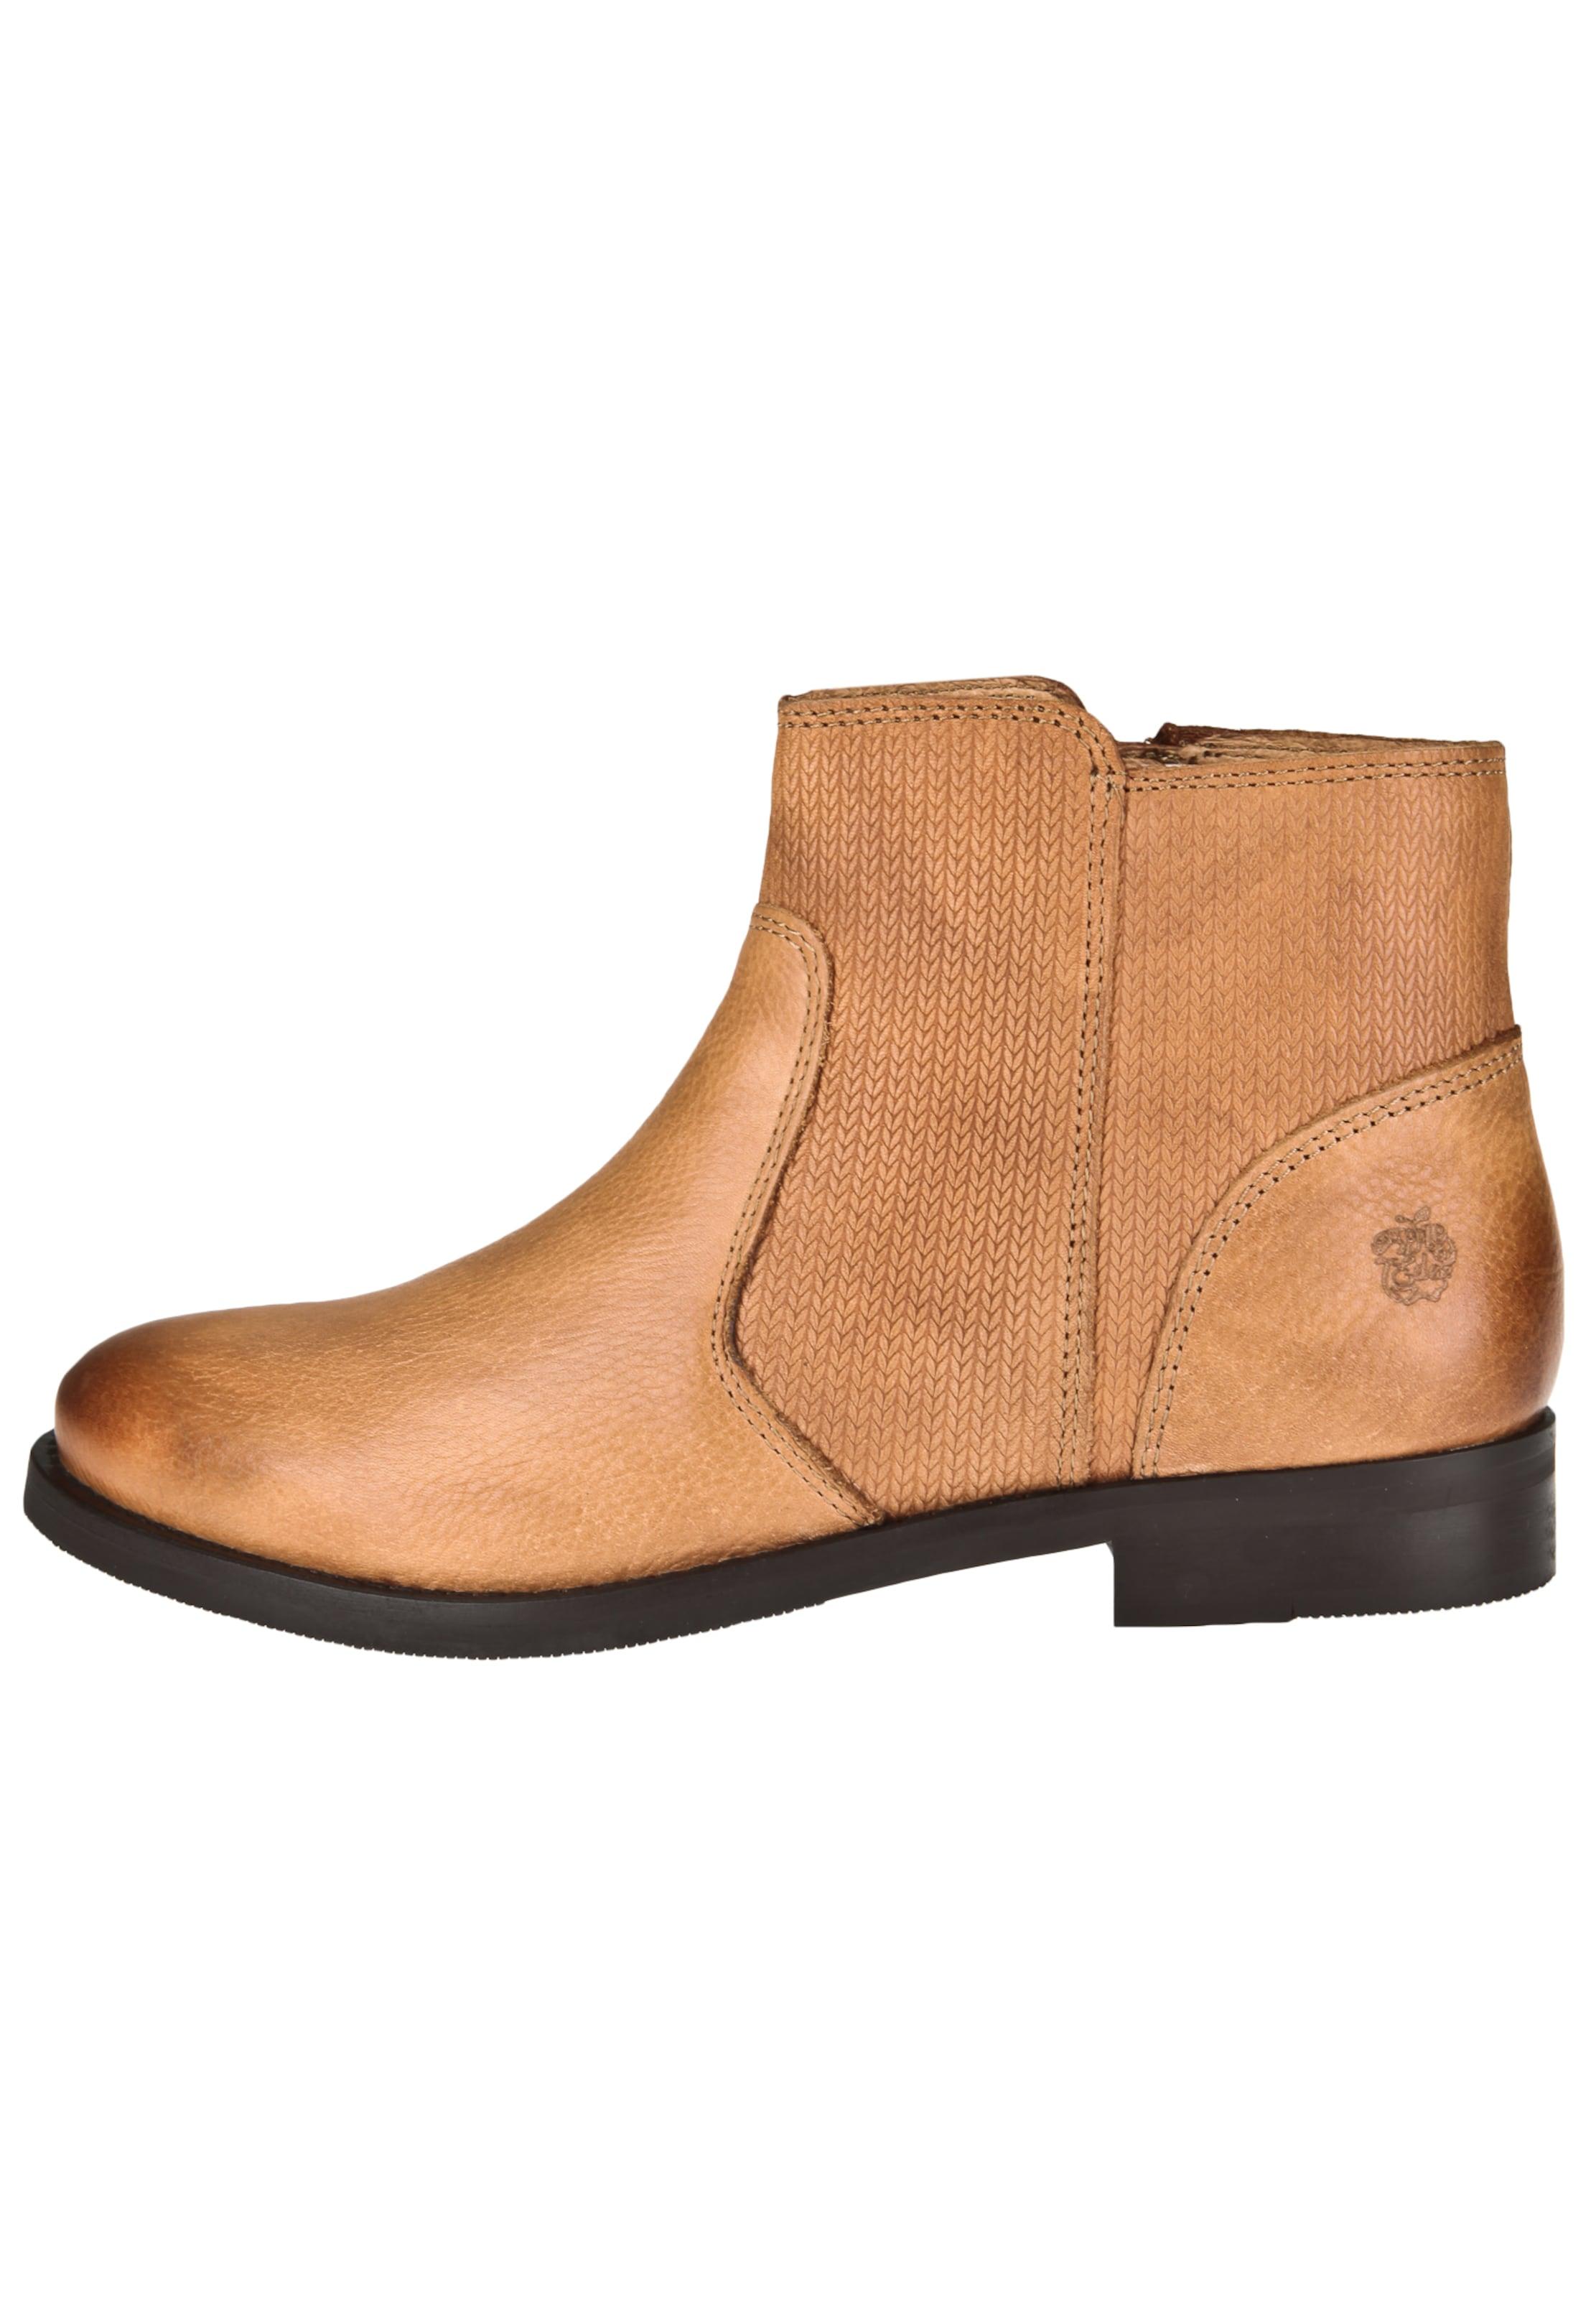 Apple of Eden | Anlöe-Boots  DOUGIE